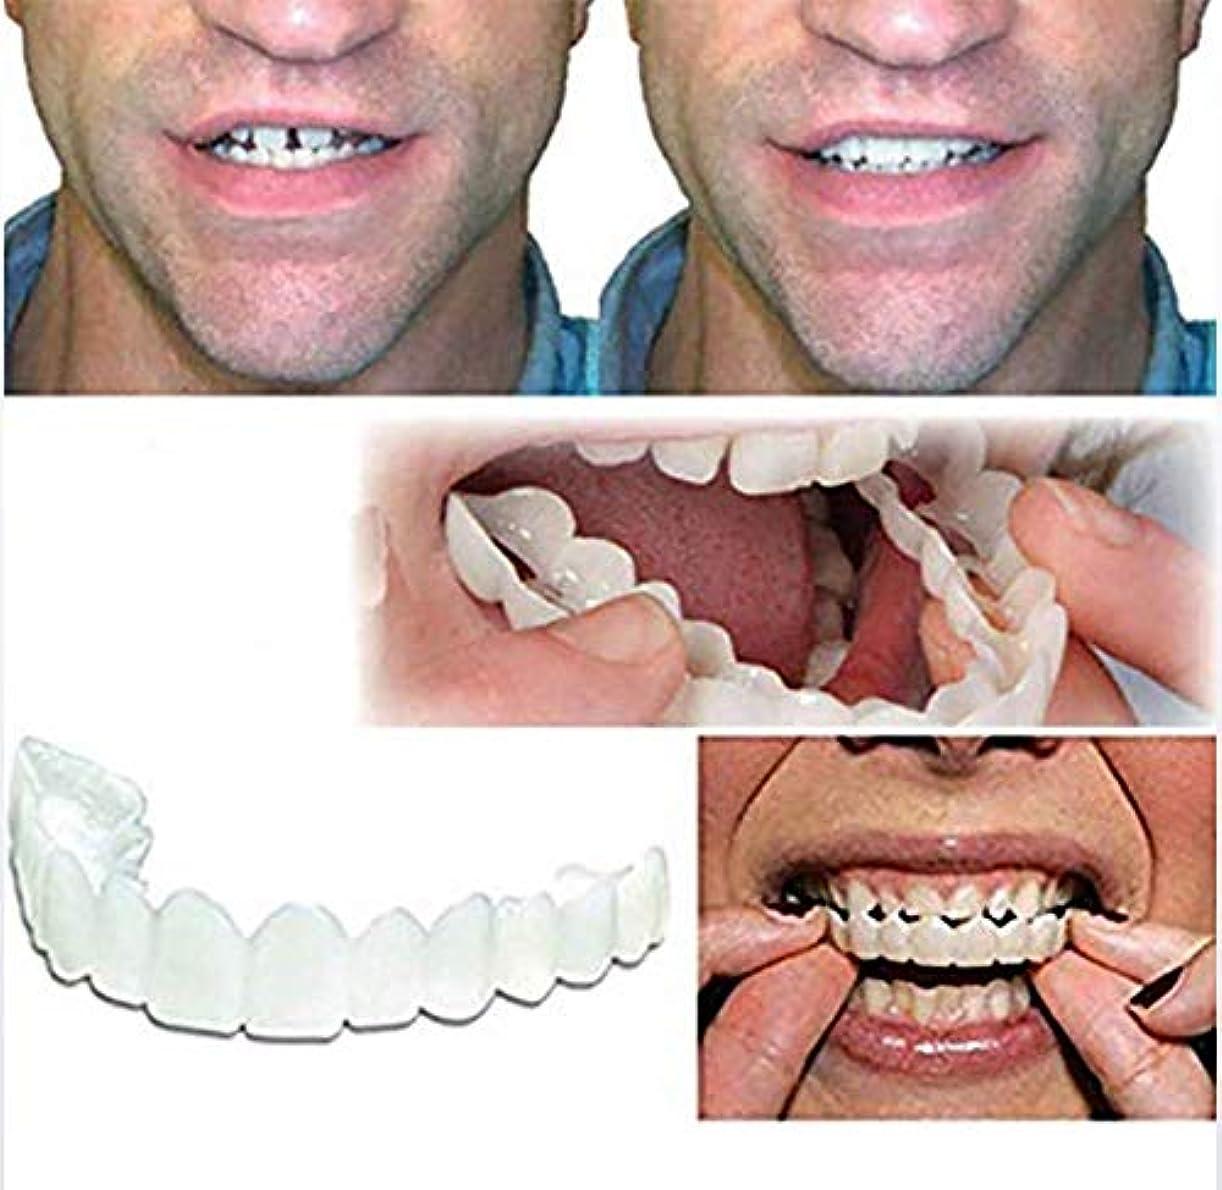 シーズン洪水平和的ベニアの歯、化粧用の歯3ピース - 一時的なスマイルコンフォートフィットフレックスコスメティック歯、一サイズは、最も快適なトップとボトムのベニヤにフィット - 歯のベニア